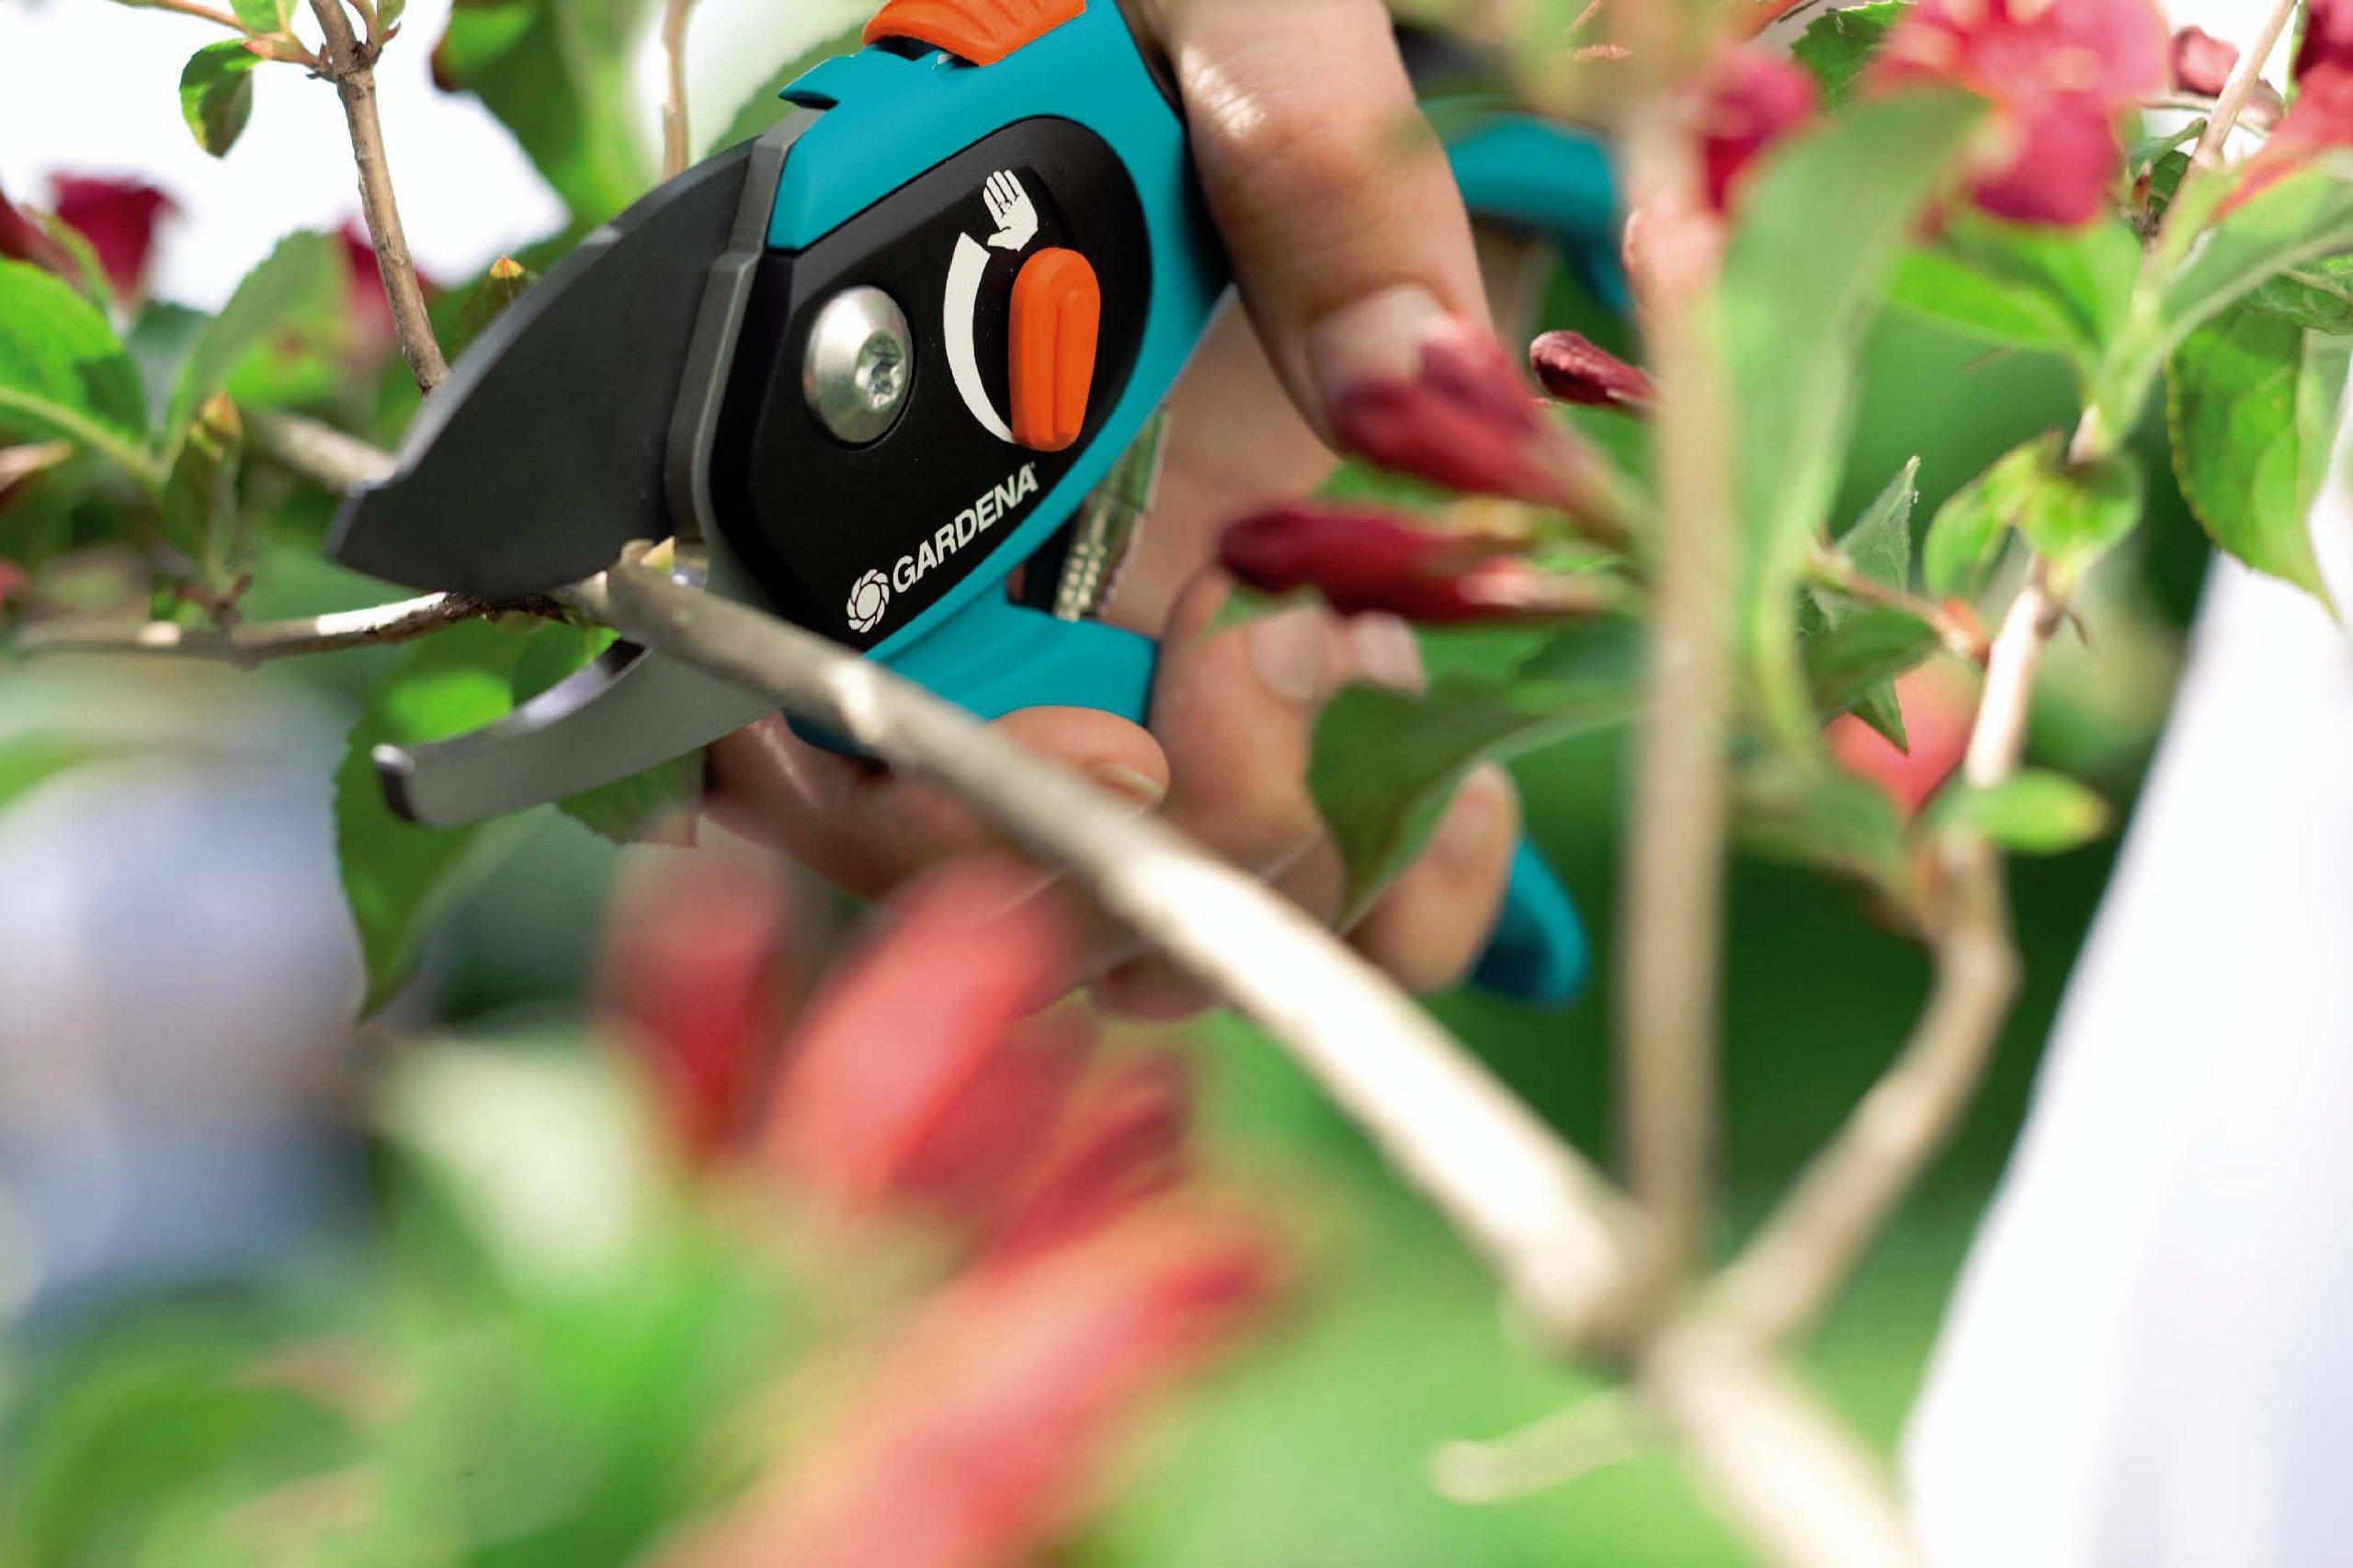 Gardena 8788 Comfort Vario Hand Pruner With 3/4-Inch Cut by Gardena (Image #3)